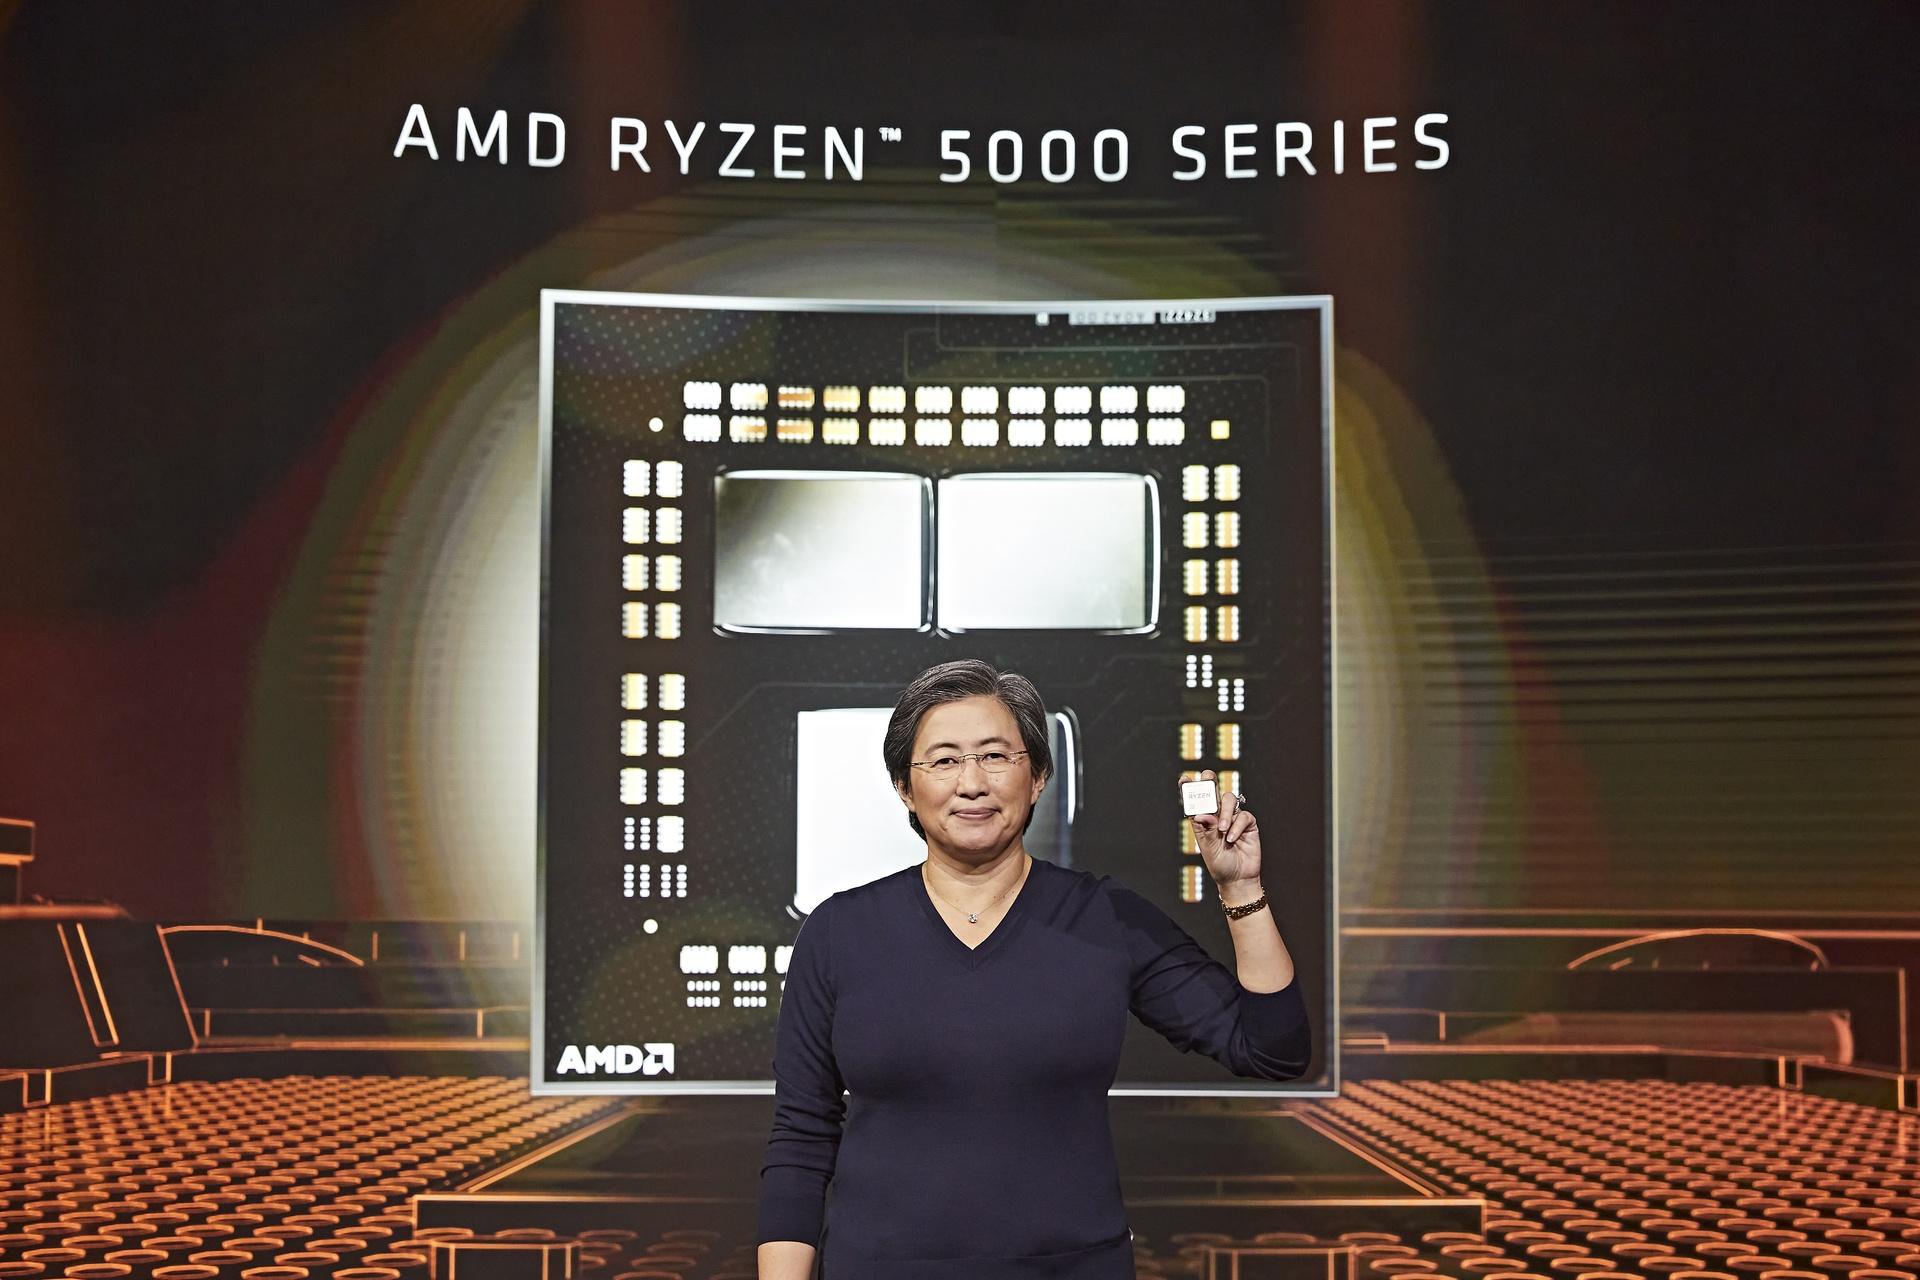 Firma AMD prezentuje procesory AMD Ryzen 5000 dla komputerów stacjonarnych: to najszybsze na świecie procesory dla graczy